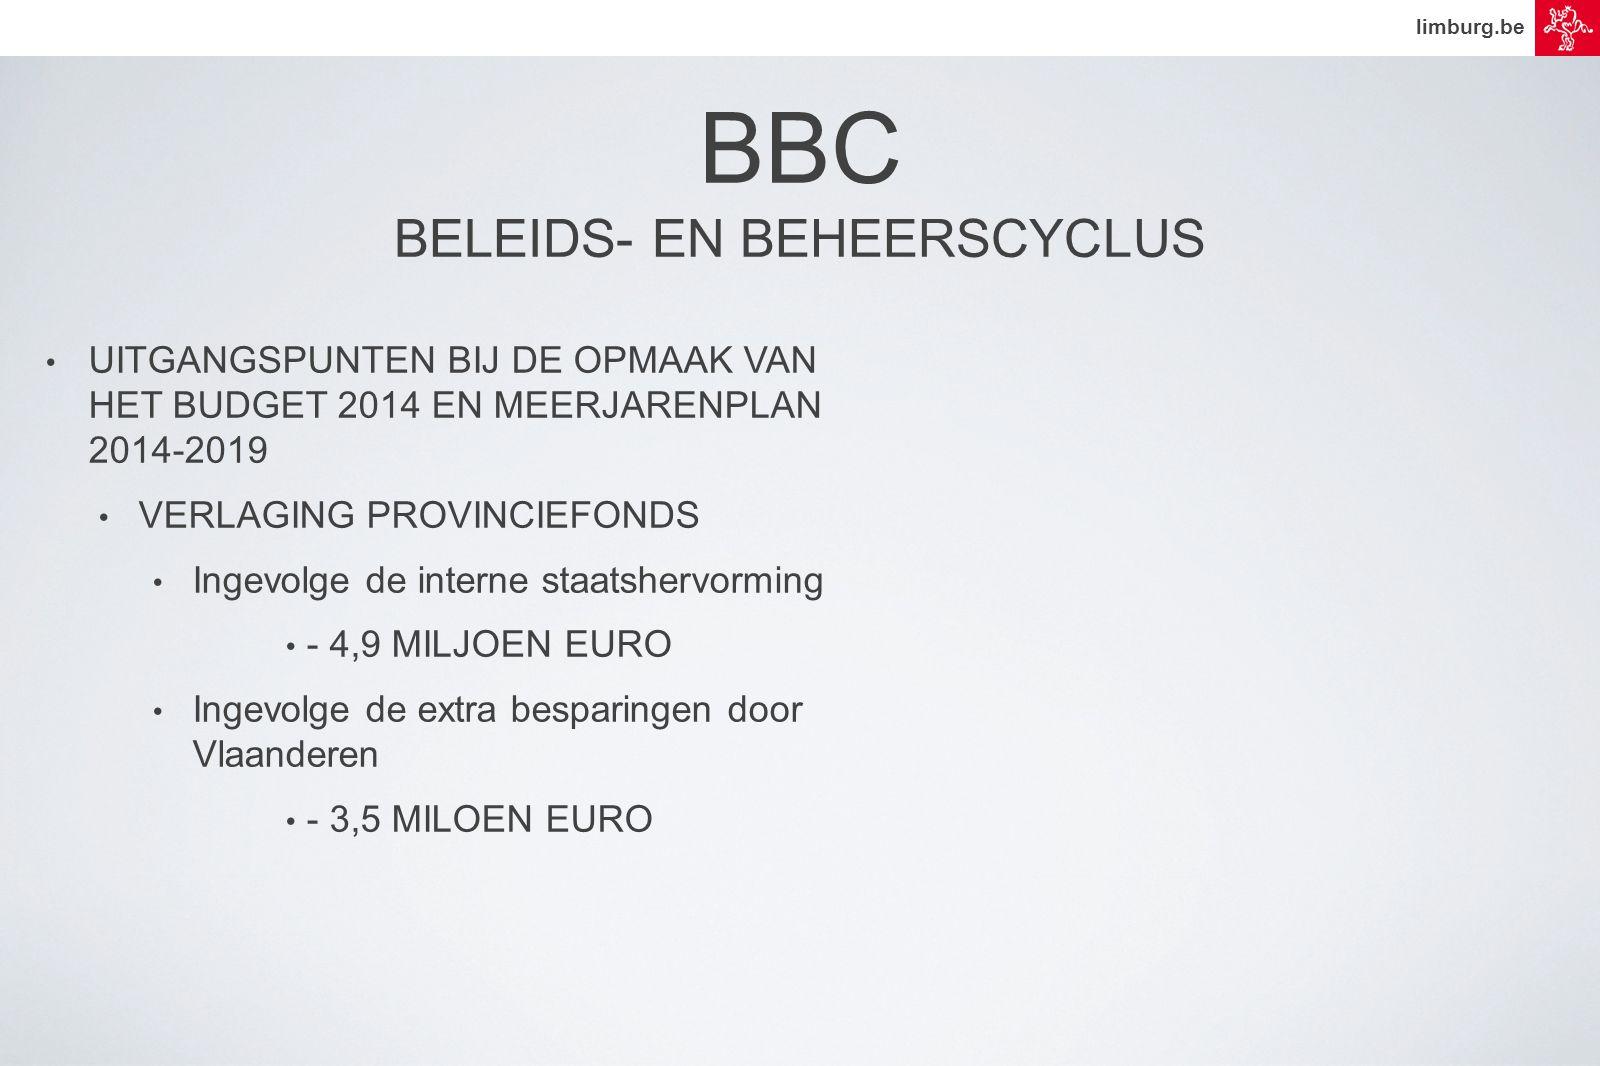 limburg.be • UITGANGSPUNTEN BIJ DE OPMAAK VAN HET BUDGET 2014 EN MEERJARENPLAN 2014-2019 • VERLAGING PROVINCIEFONDS • Ingevolge de interne staatshervorming • - 4,9 MILJOEN EURO • Ingevolge de extra besparingen door Vlaanderen • - 3,5 MILOEN EURO BBC BELEIDS- EN BEHEERSCYCLUS